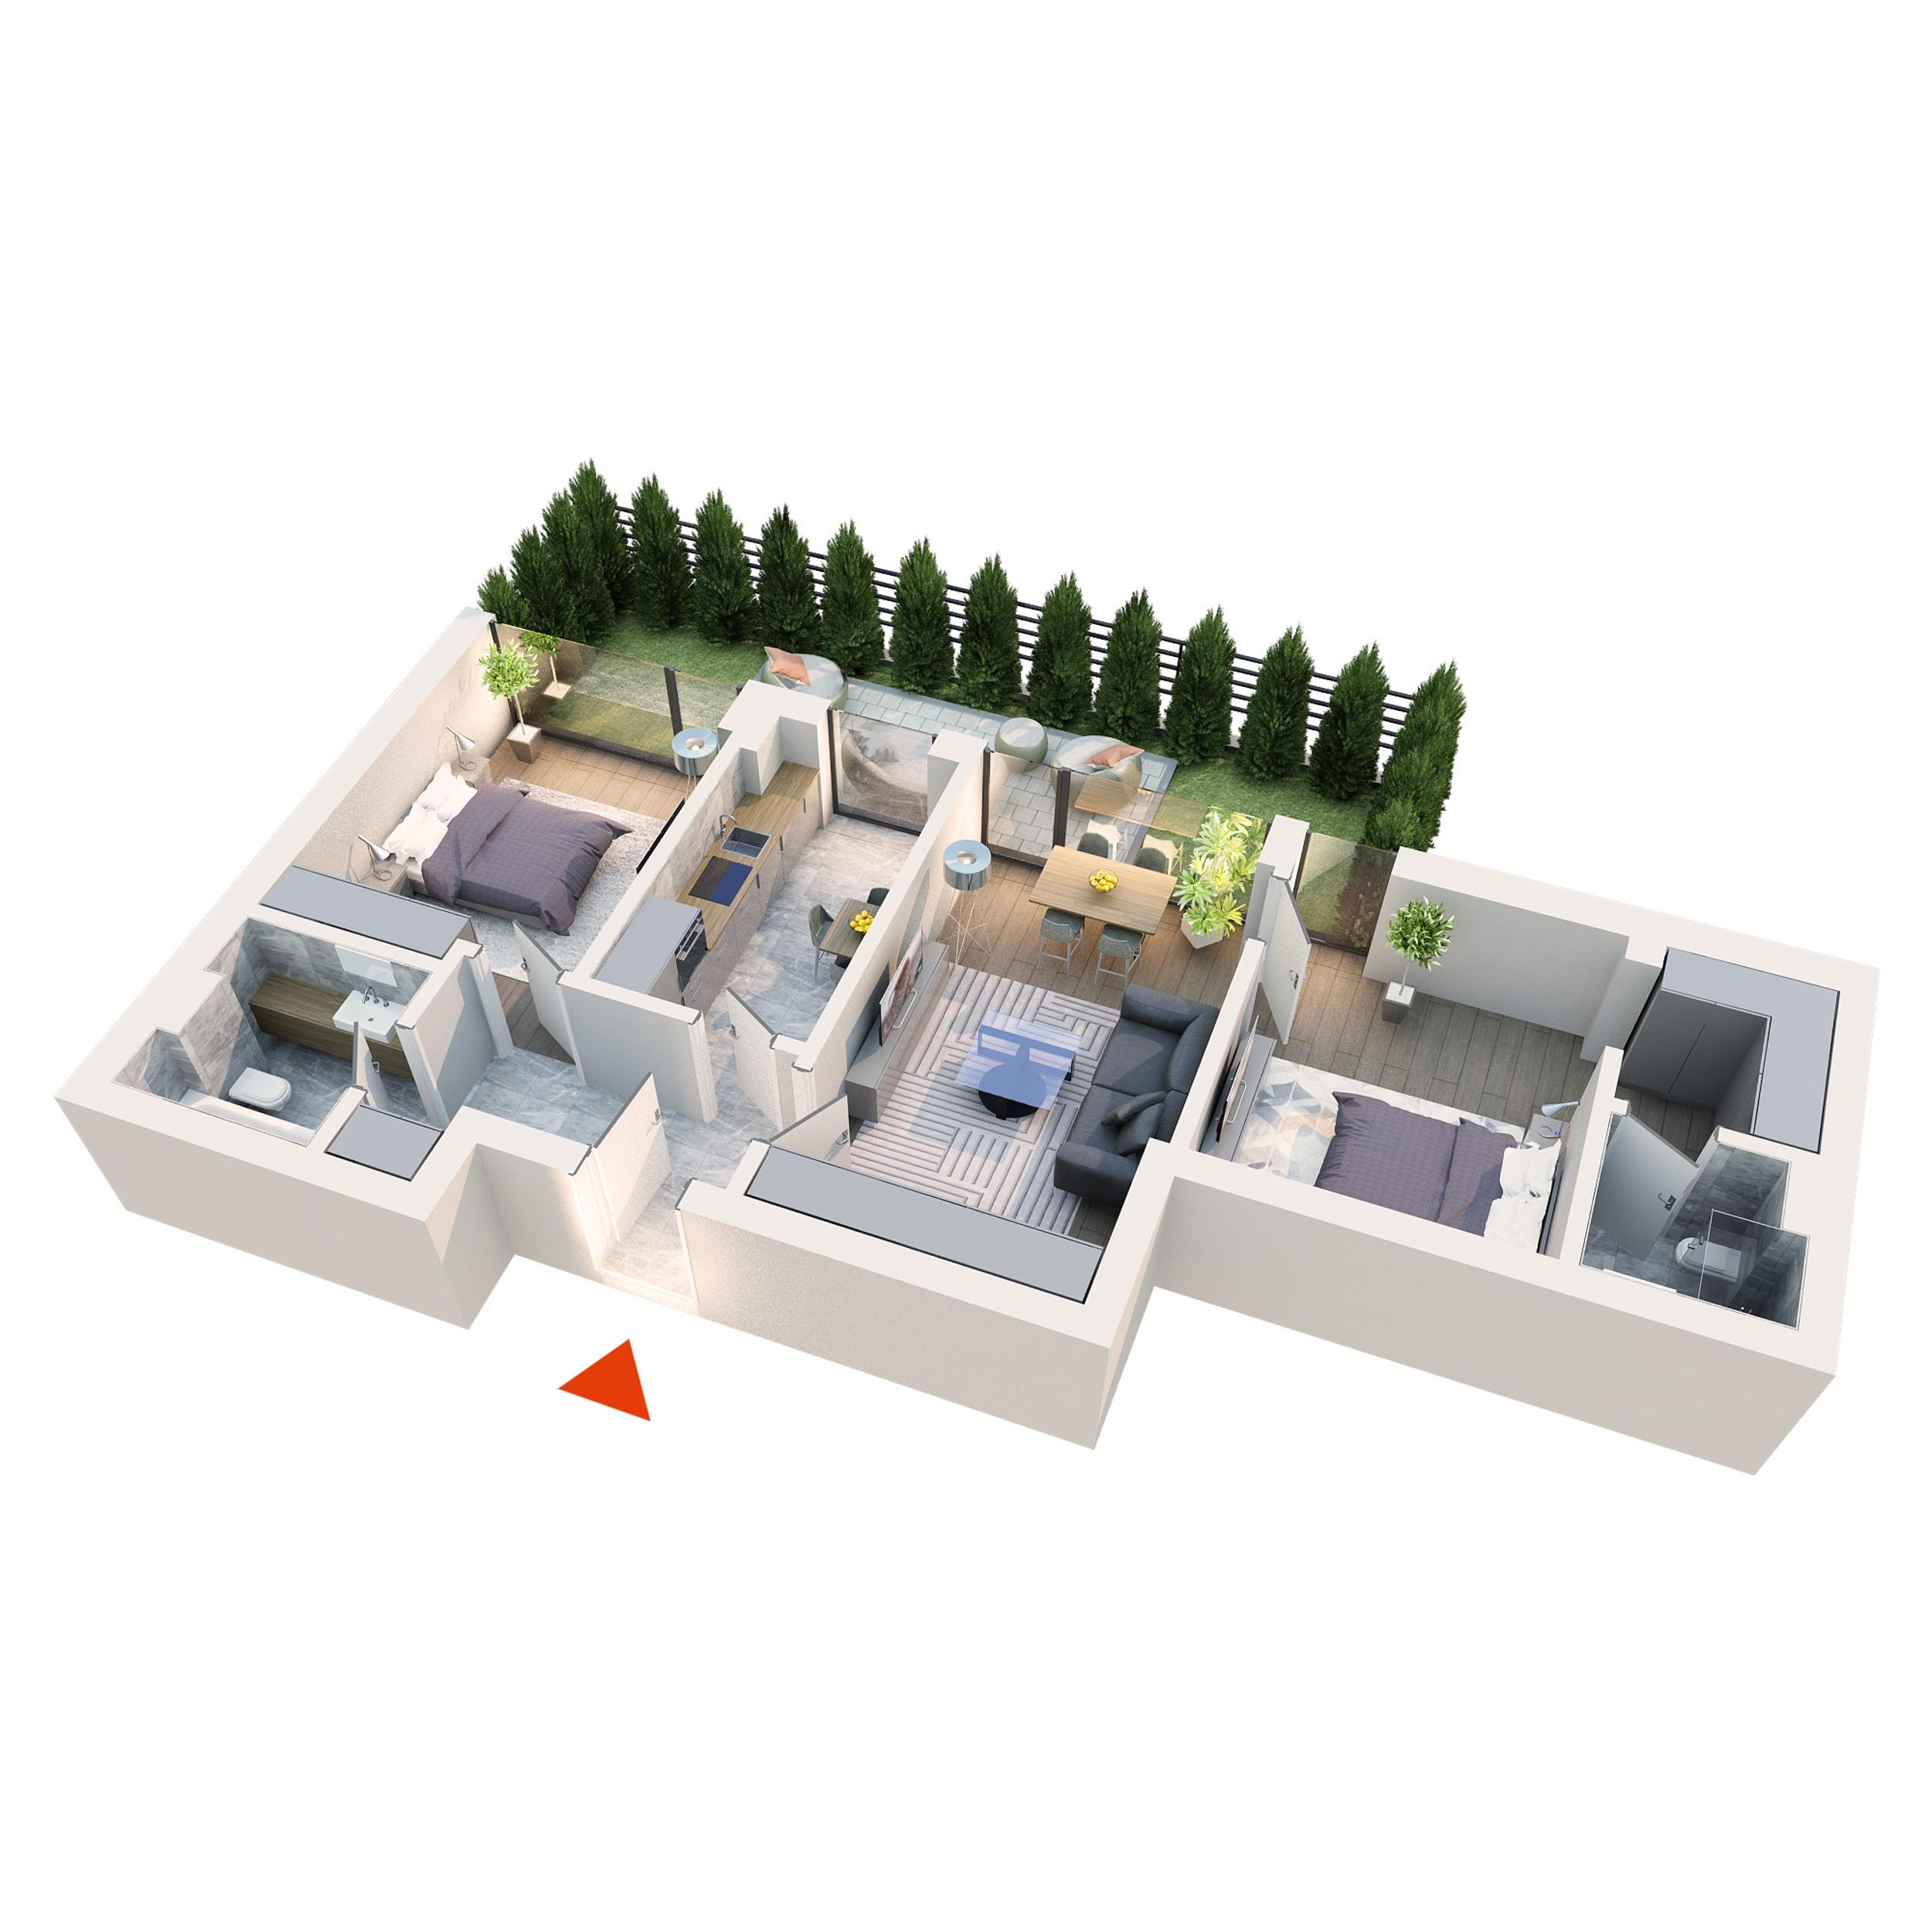 Apartament 3 camere tip 3A1 gradina | Parter | Corp C1 C2 C5 C6 | Faza 2